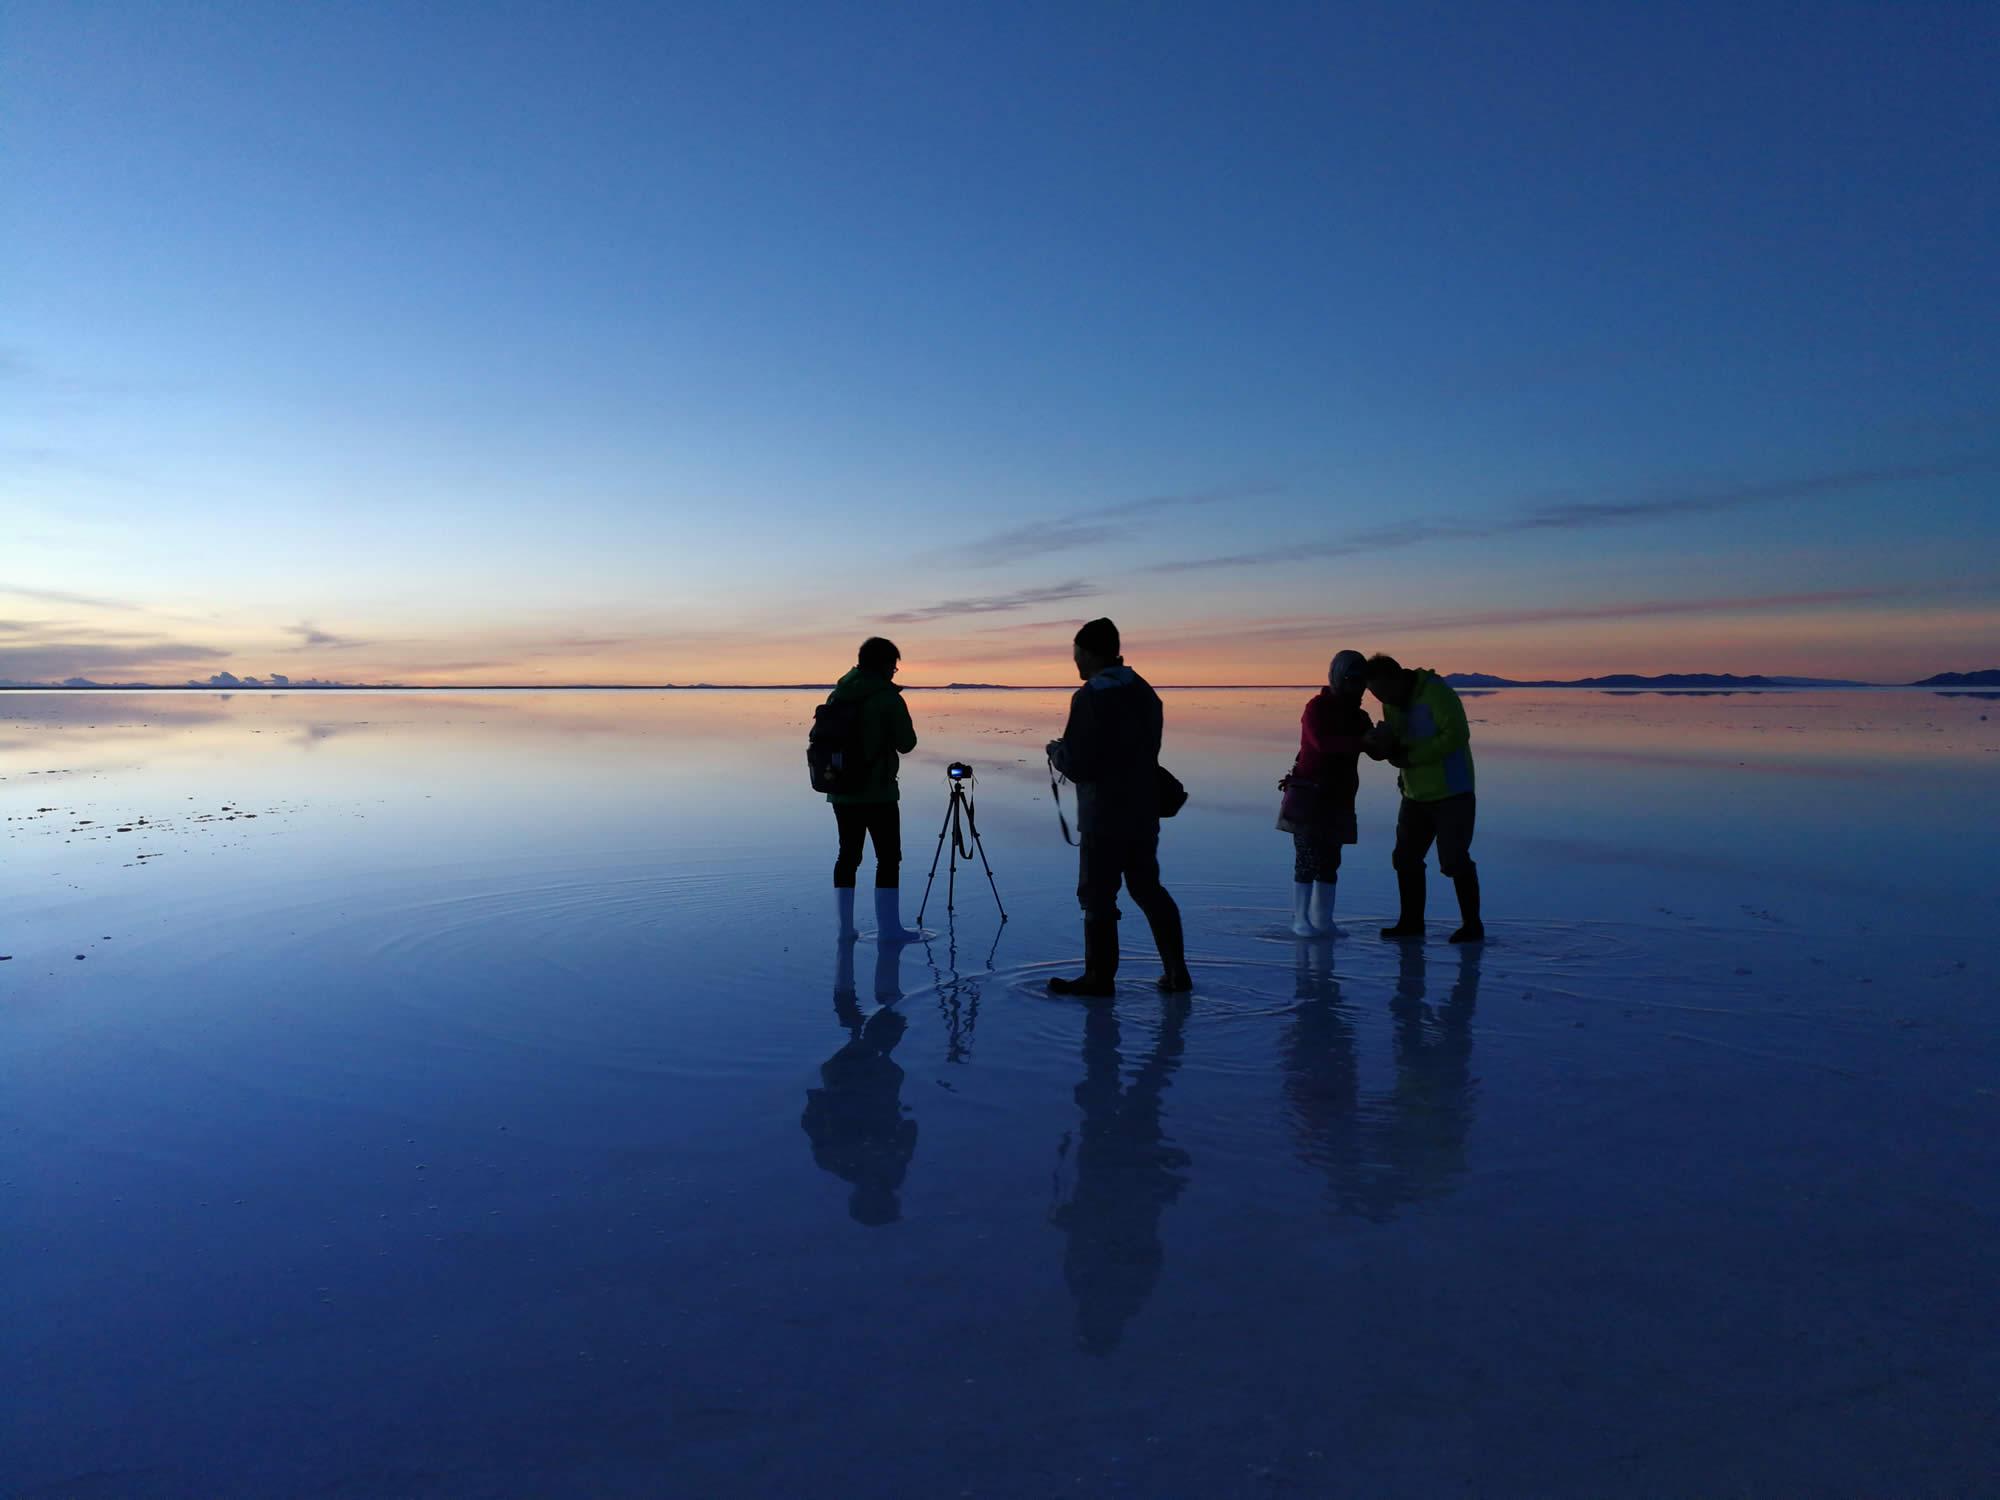 Tour Privado Salar de Uyuni Observación de Estrellas, Amanecer y Atardecer 1 Día, 1 Noche, 1 Día, 1 Noche